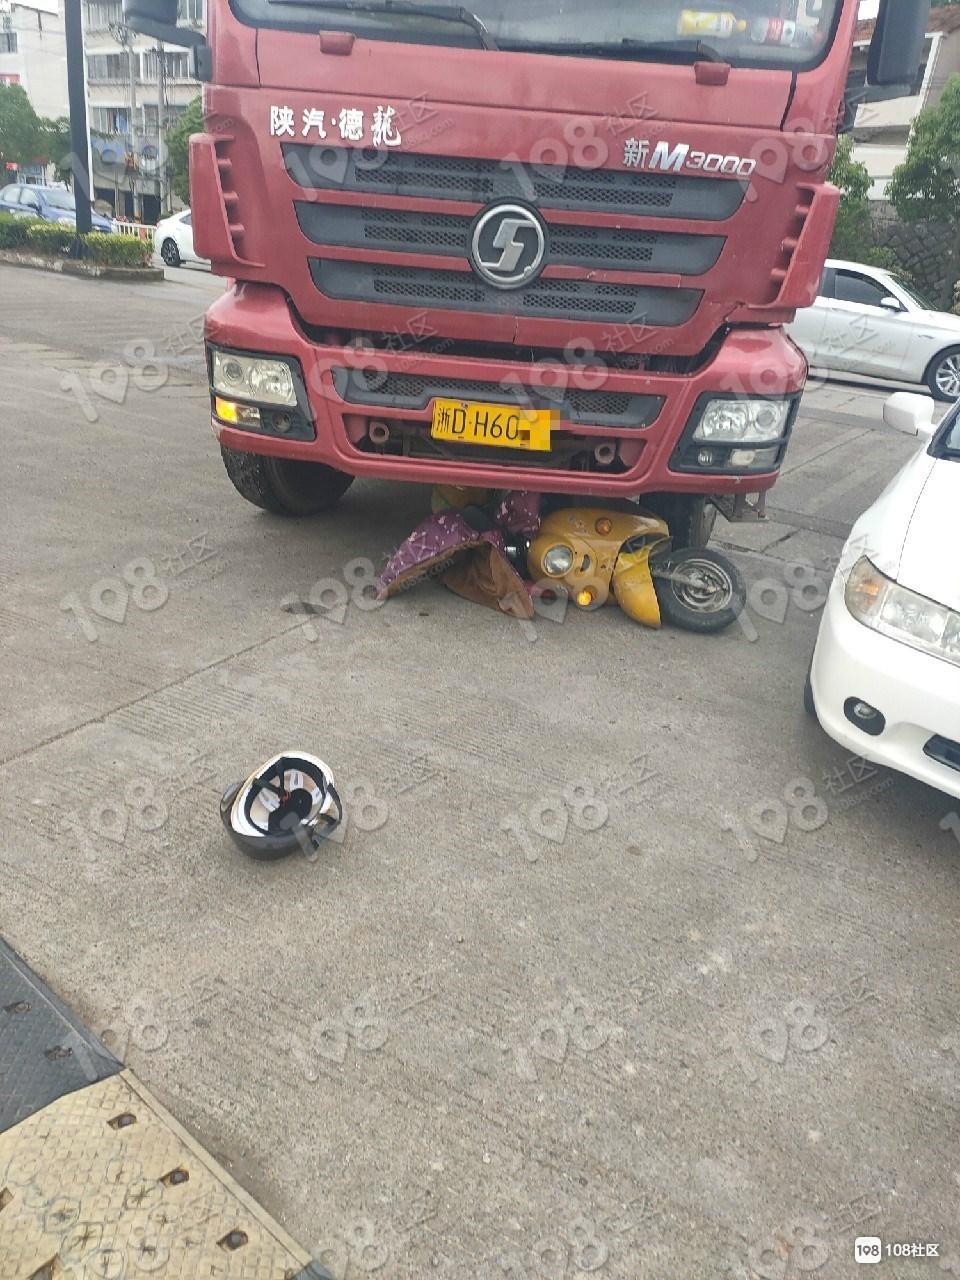 新昌多起车祸!一车发动机撞掉,两电瓶车被压大车底